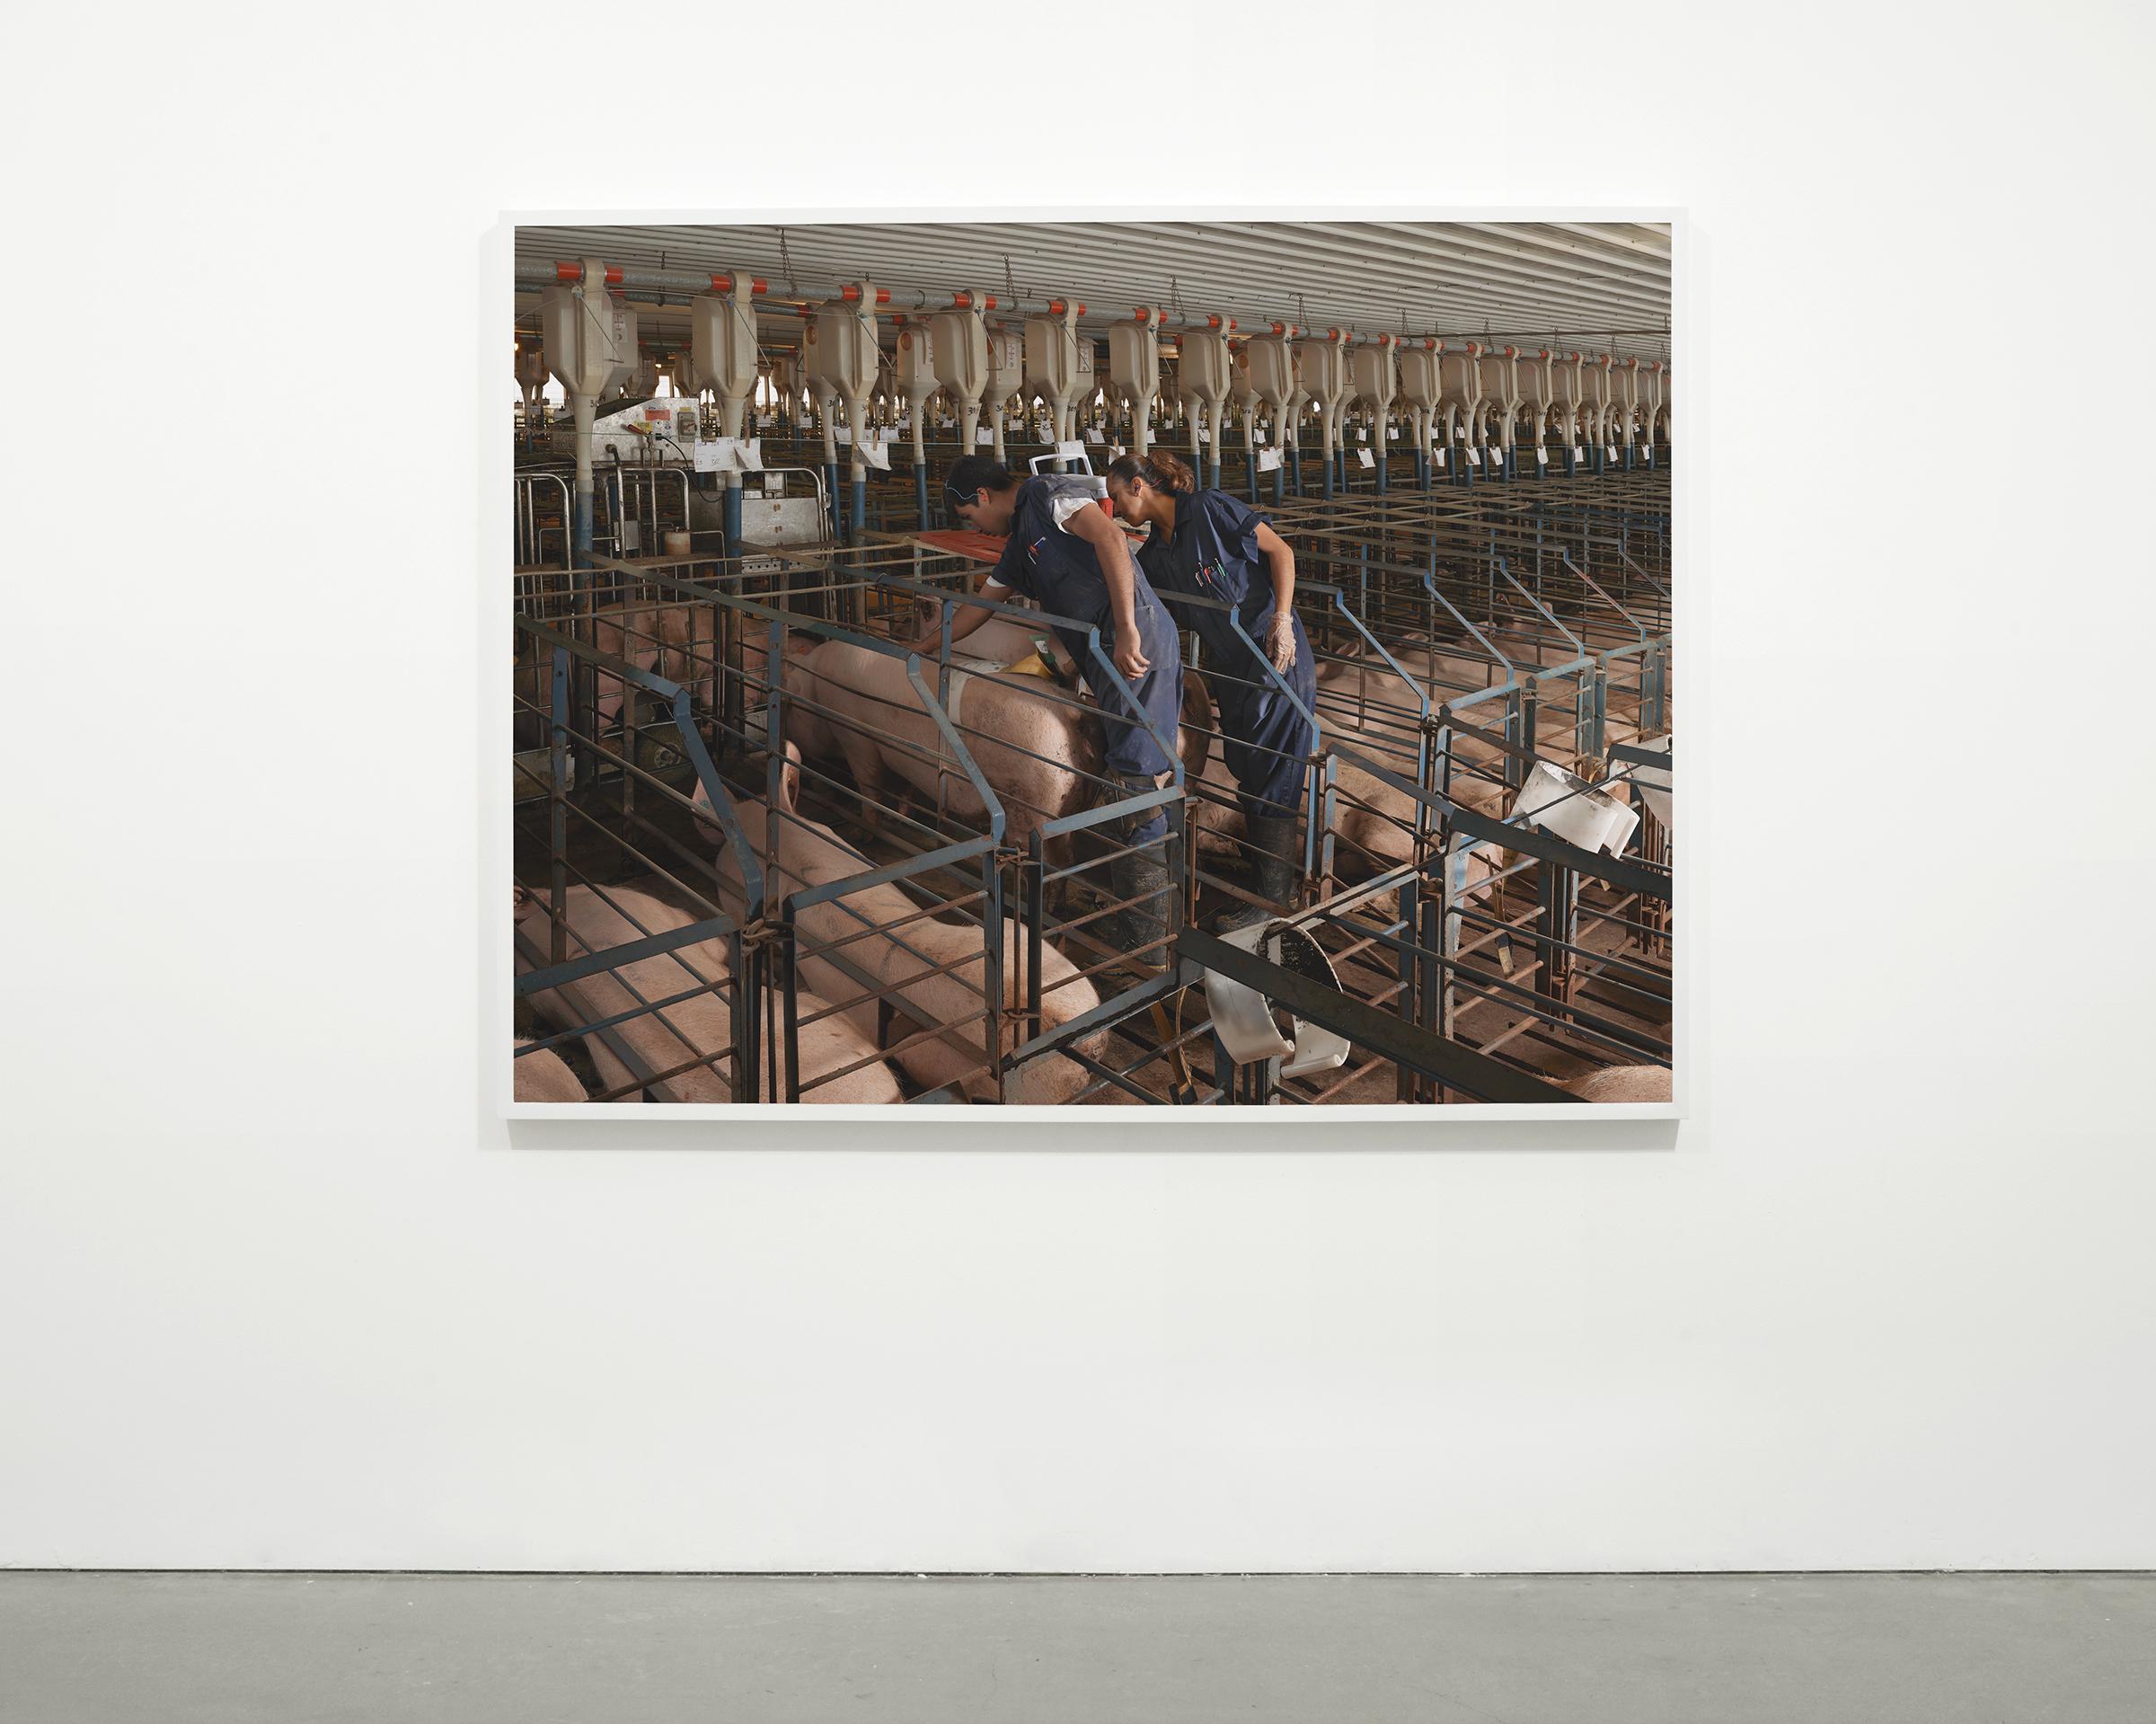 """""""A.I."""", 2013 - 2015  54 x 71 in (137.15 x 180.35 cm)"""